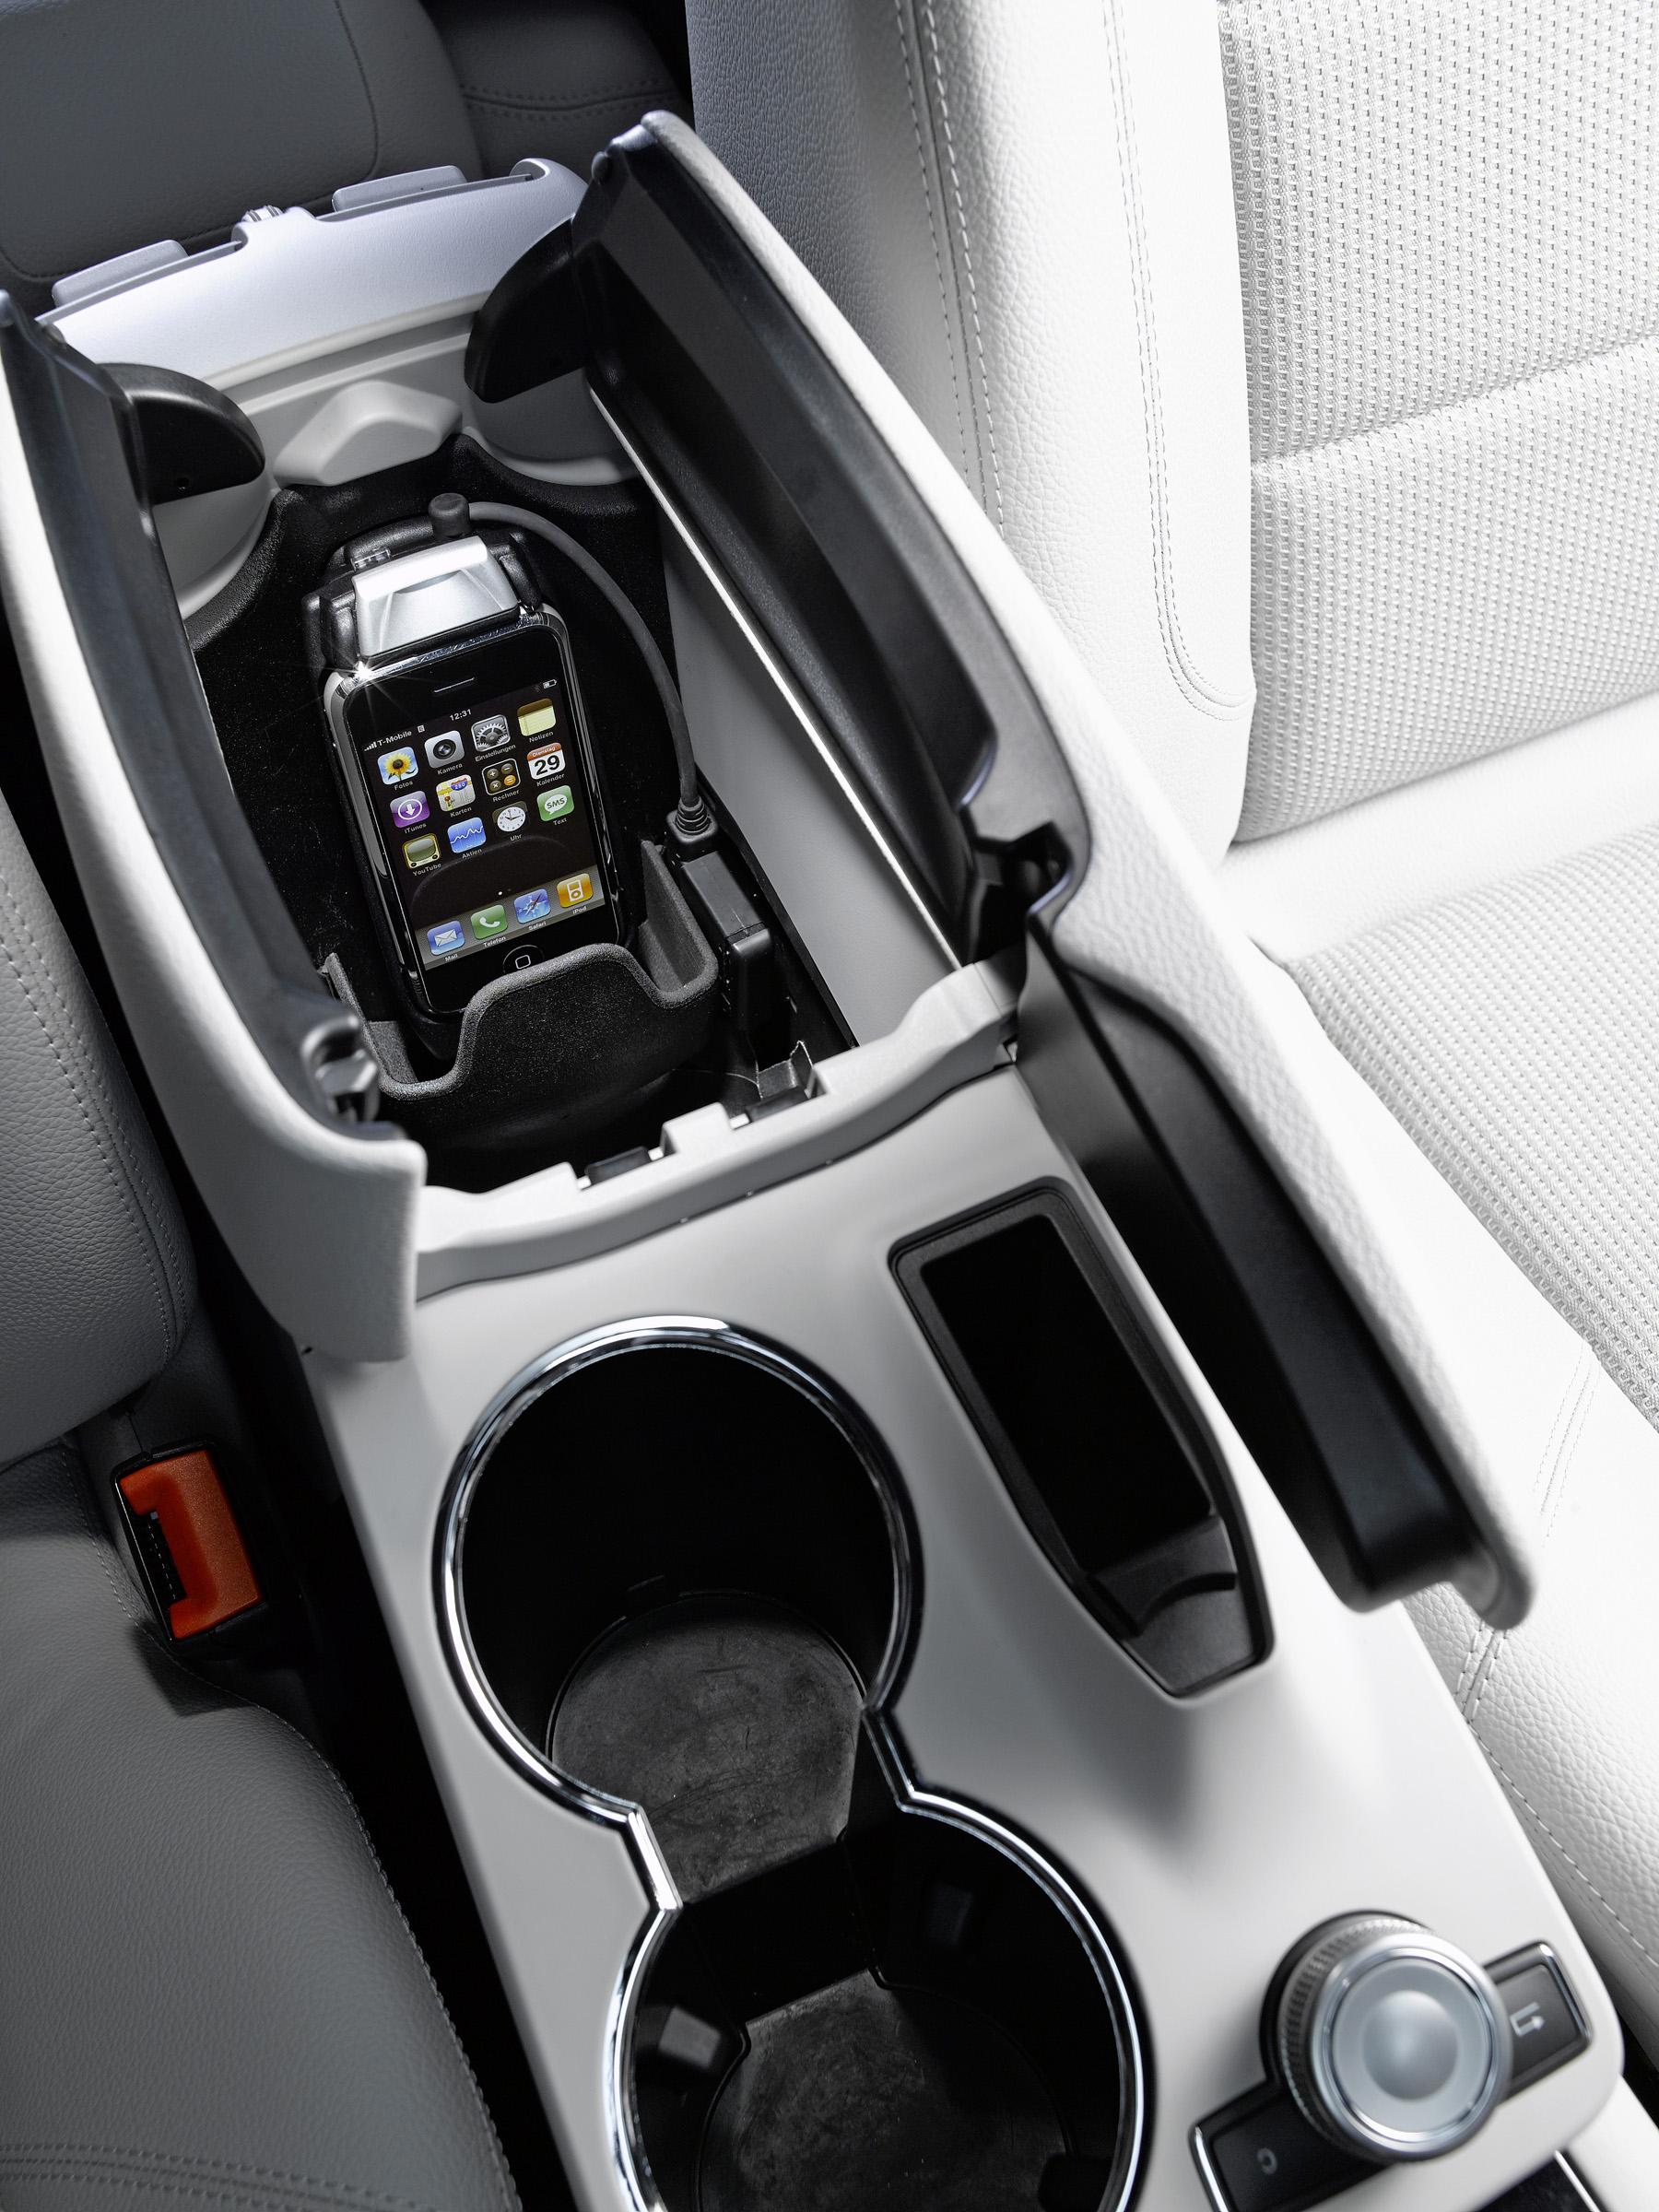 Новая колыбель позволяет полностью интегрироваться в архитектуре автомобиля: Mercedes-Benz делает в автомобиле iPhone® подключение еще проще - фотография №3